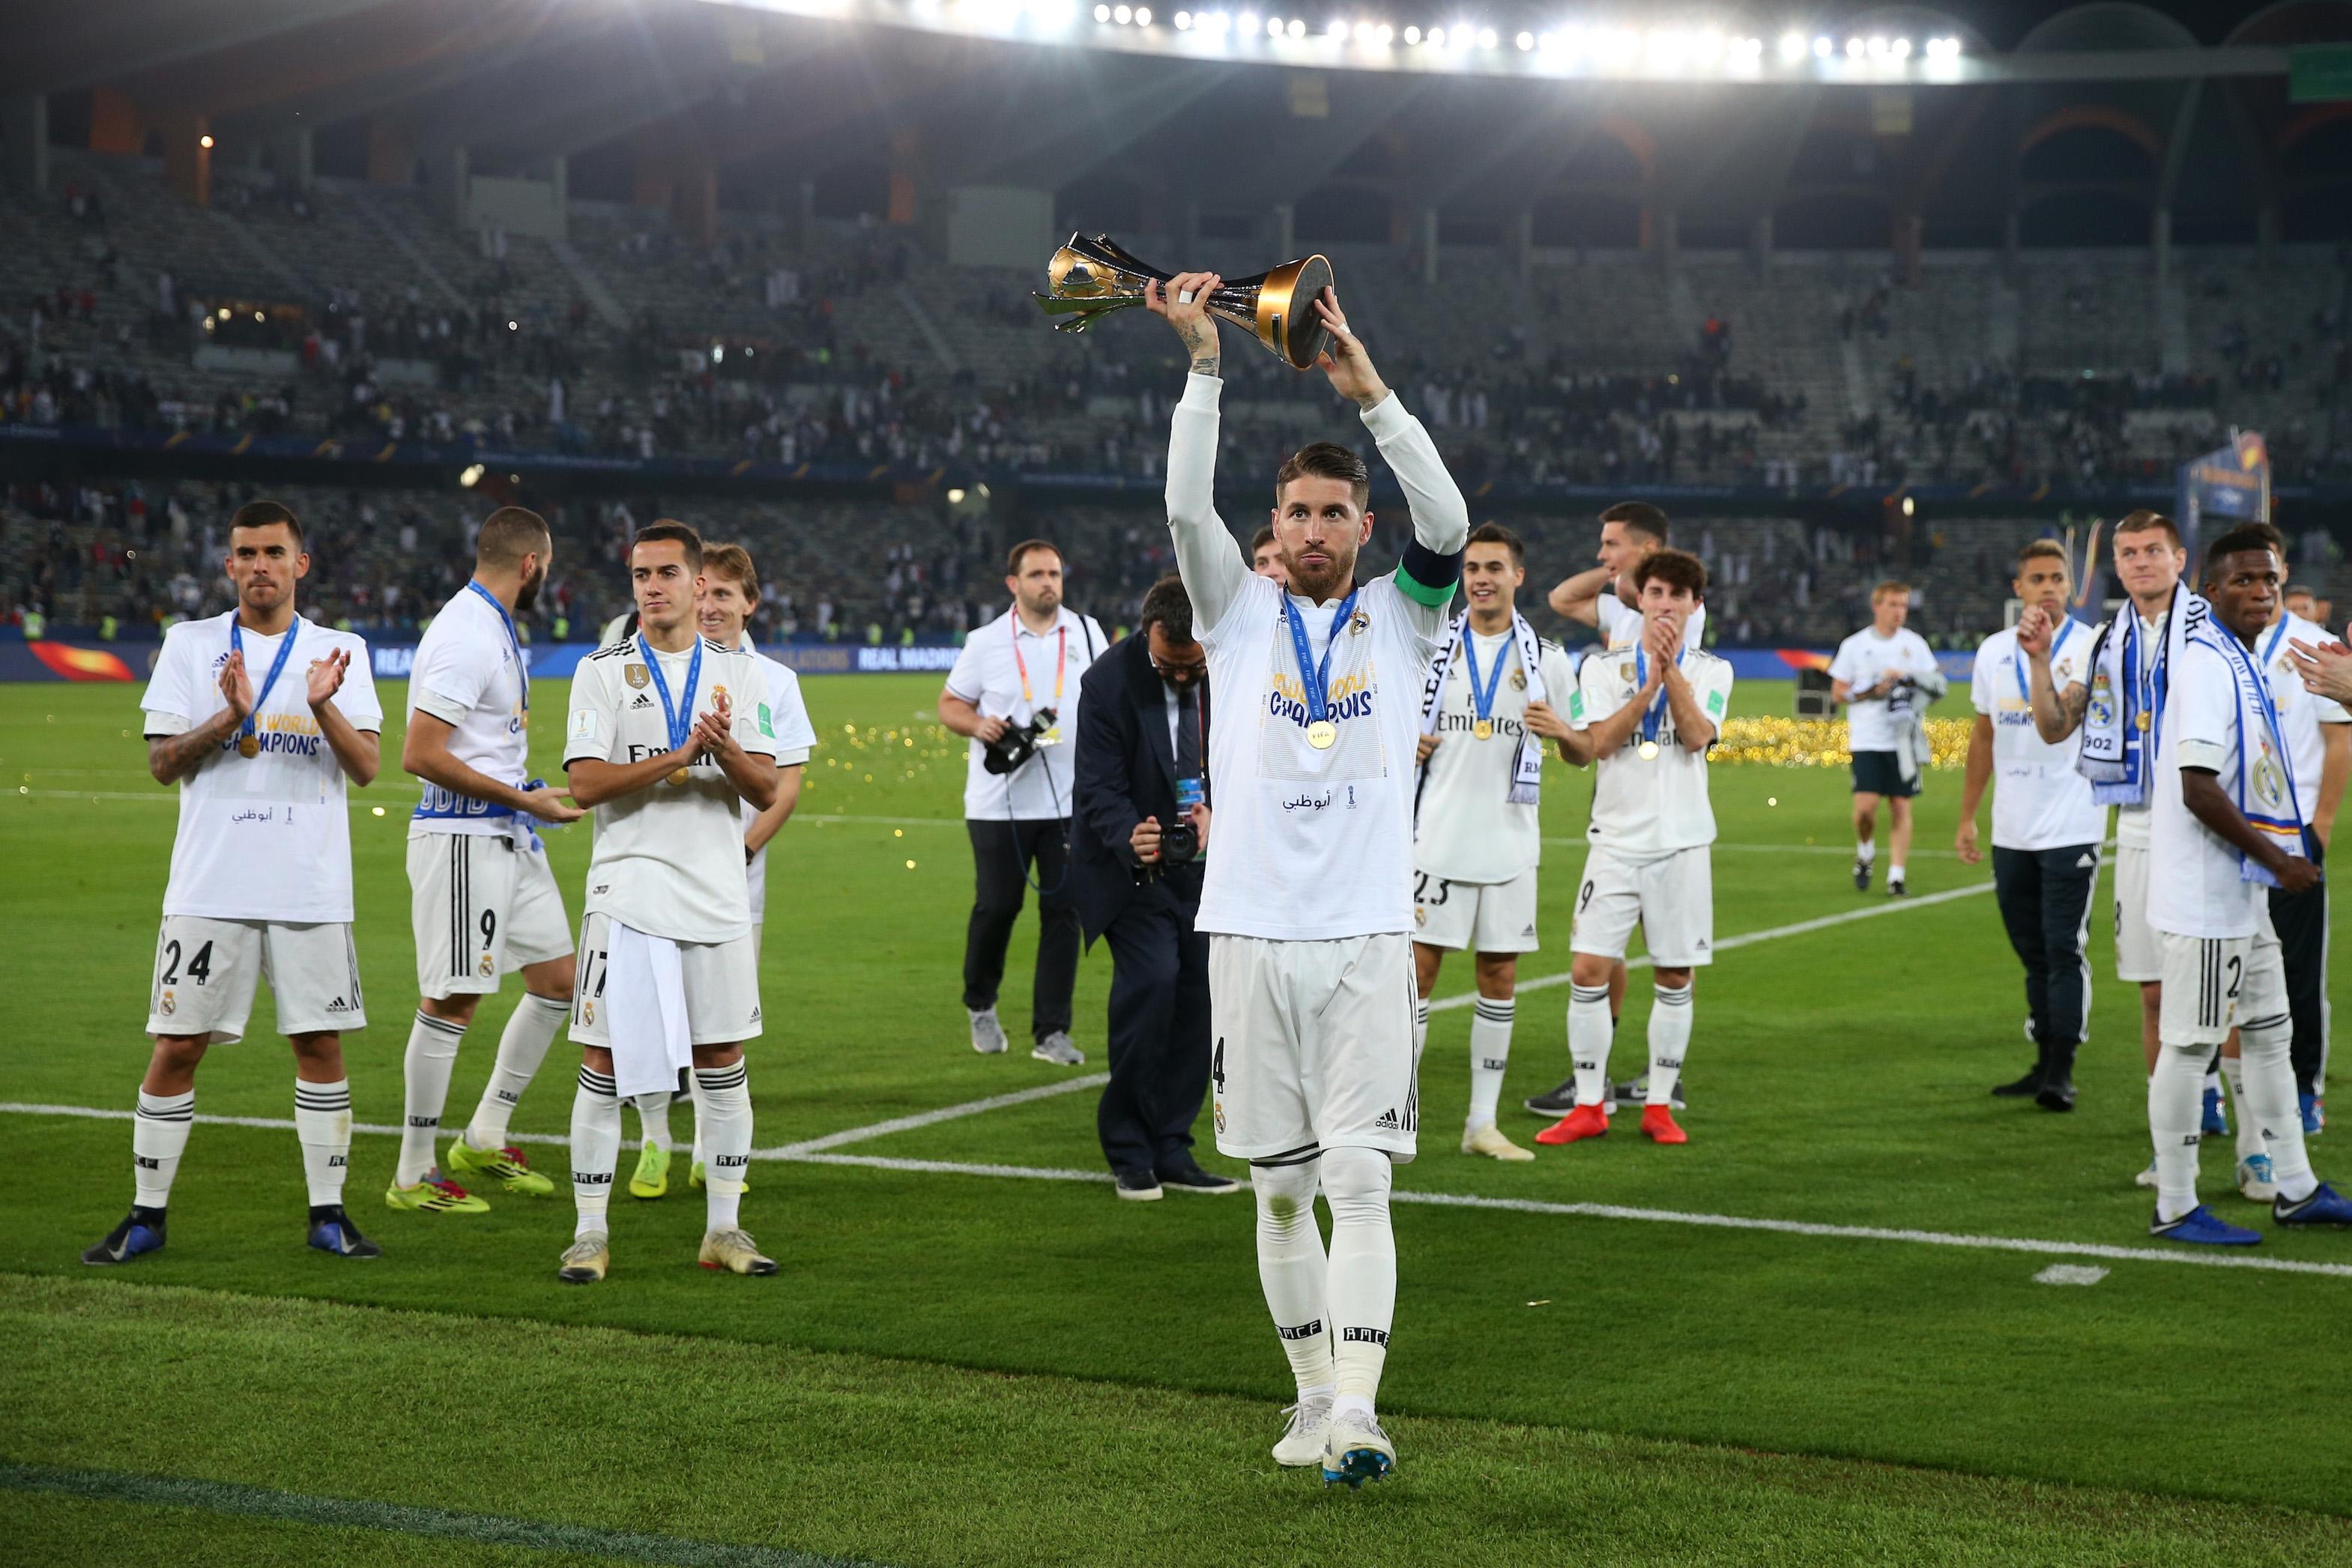 Световният клубен първенец Реал Мадрид ще бъде уважен с шпалир